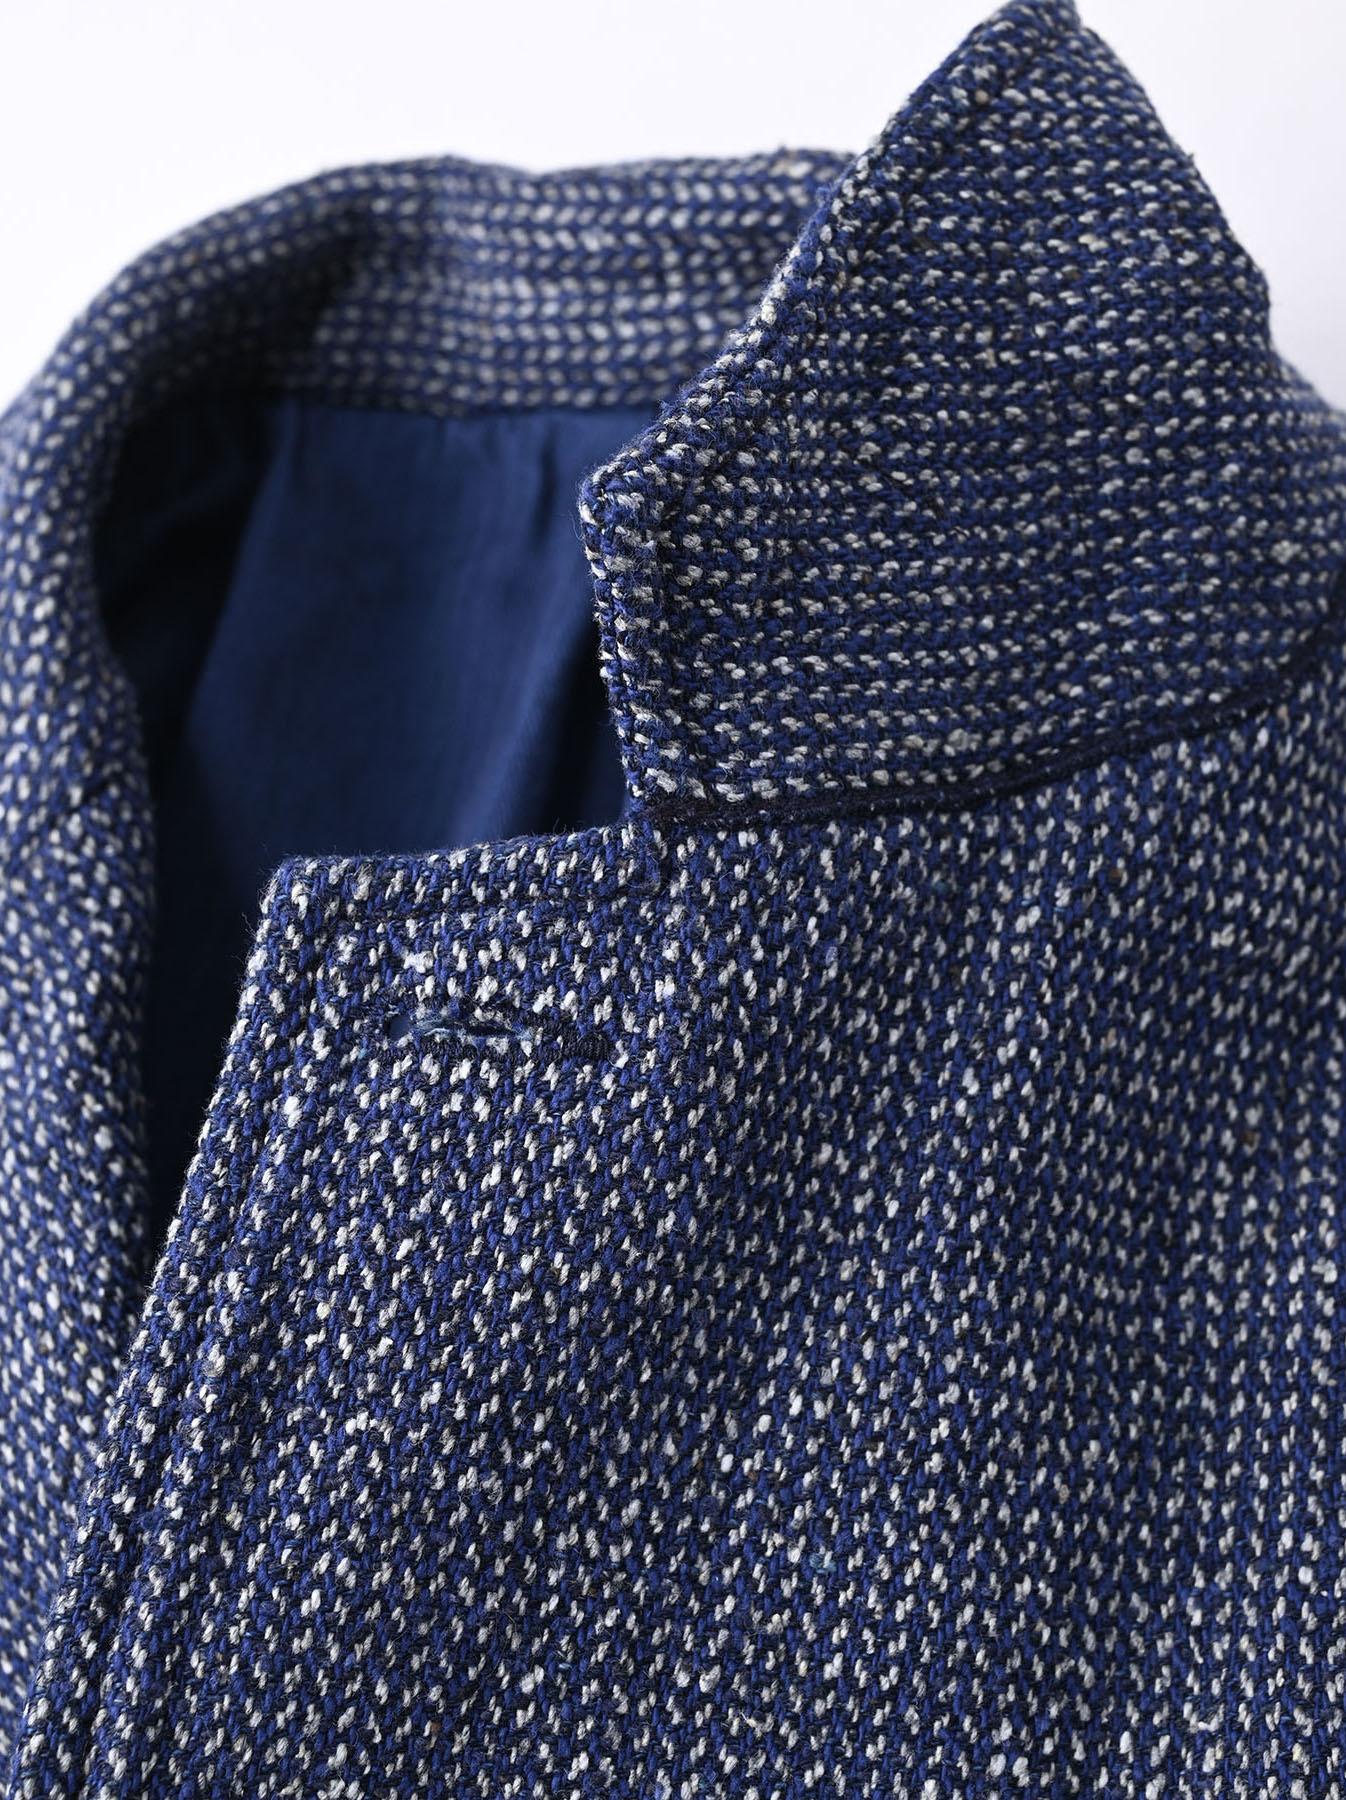 Homespun Indigo Cotton Tweed Asama Jacket-8